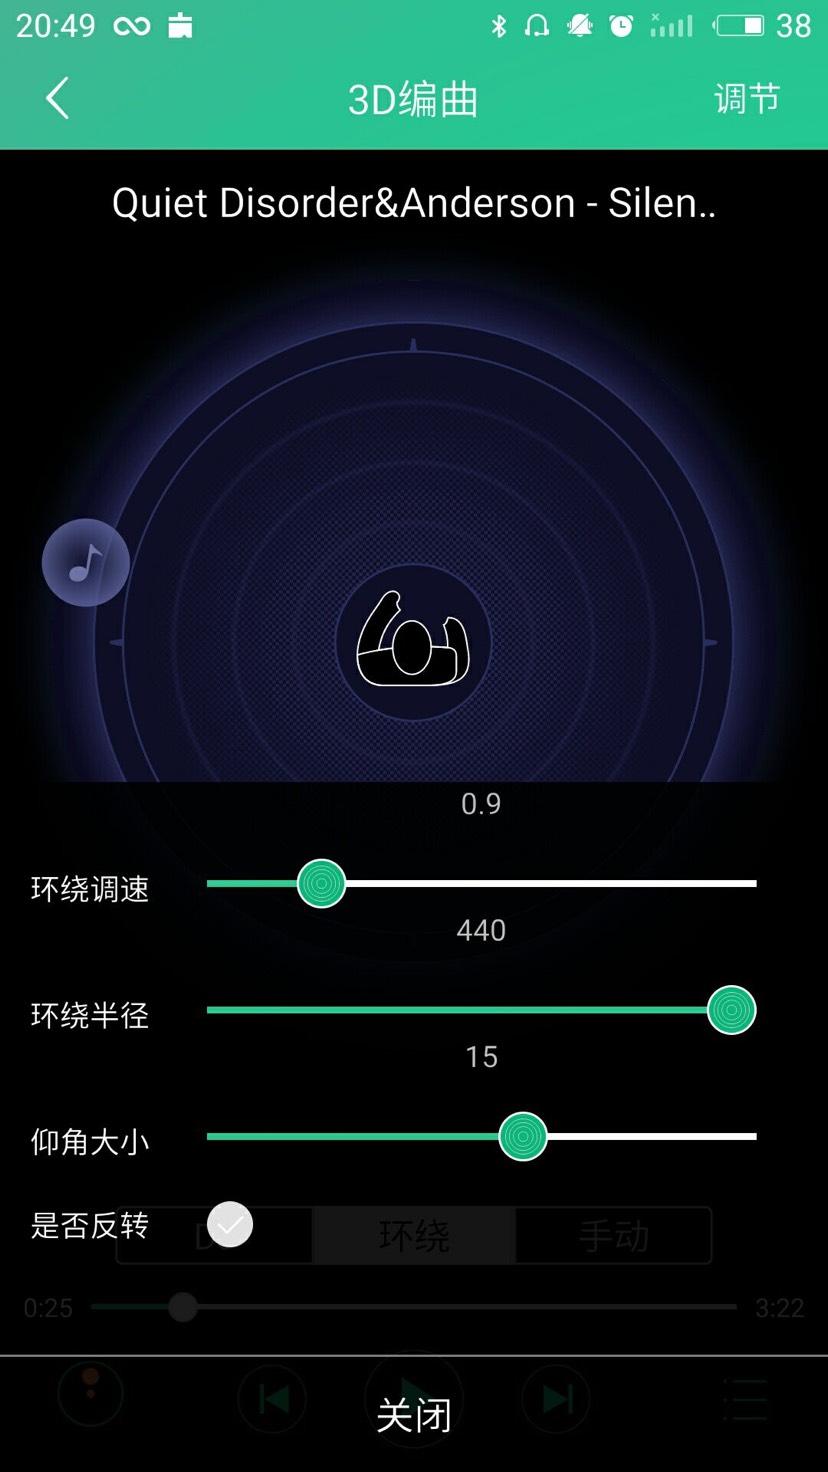 【原创教程】手机制作3D音乐-爱小助